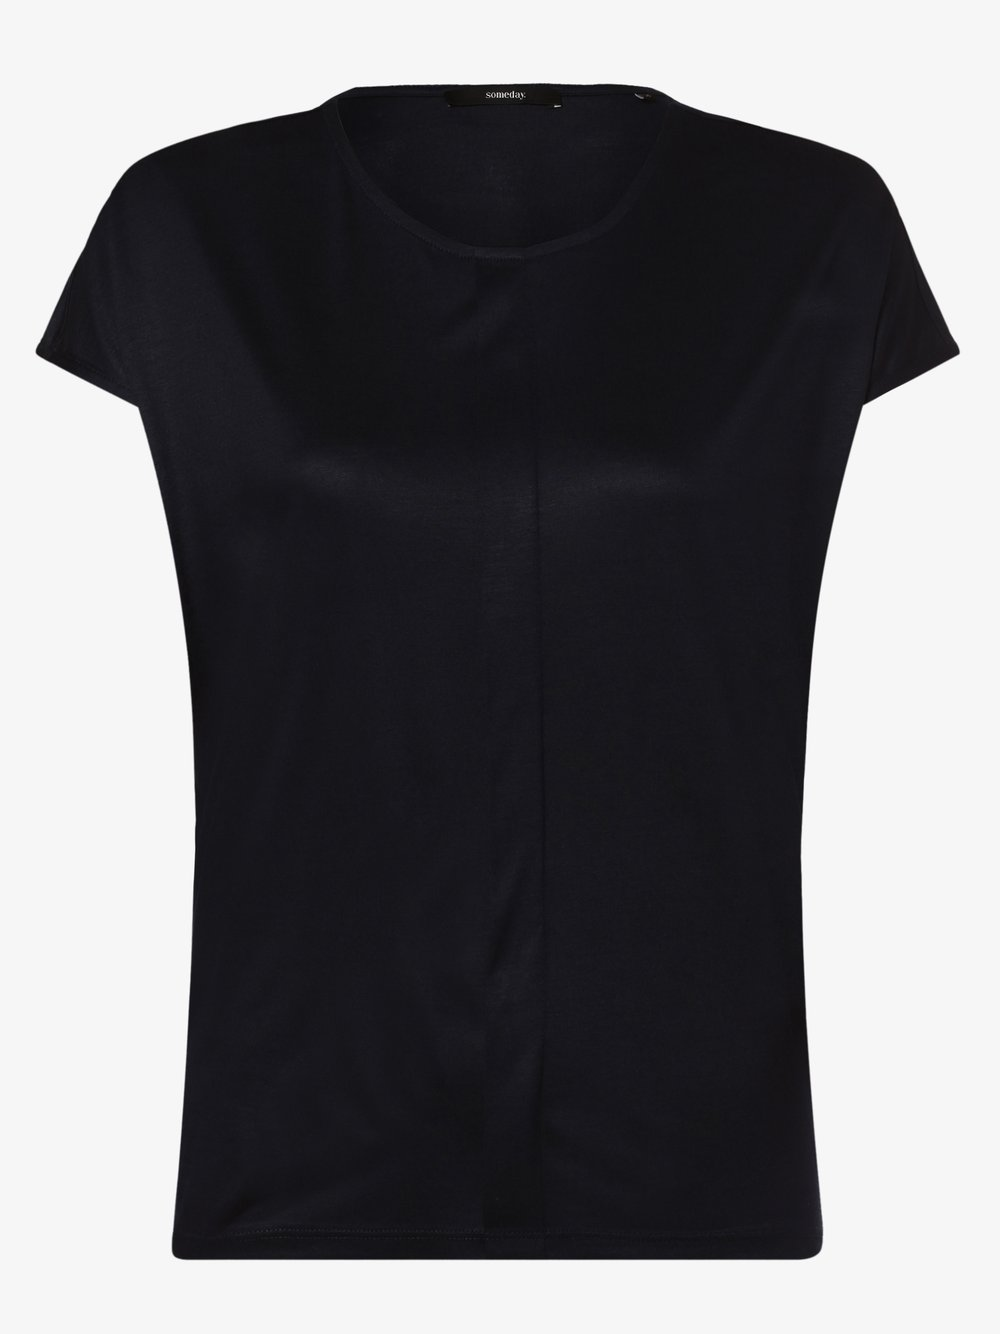 Someday - T-shirt damski – Kusana, niebieski